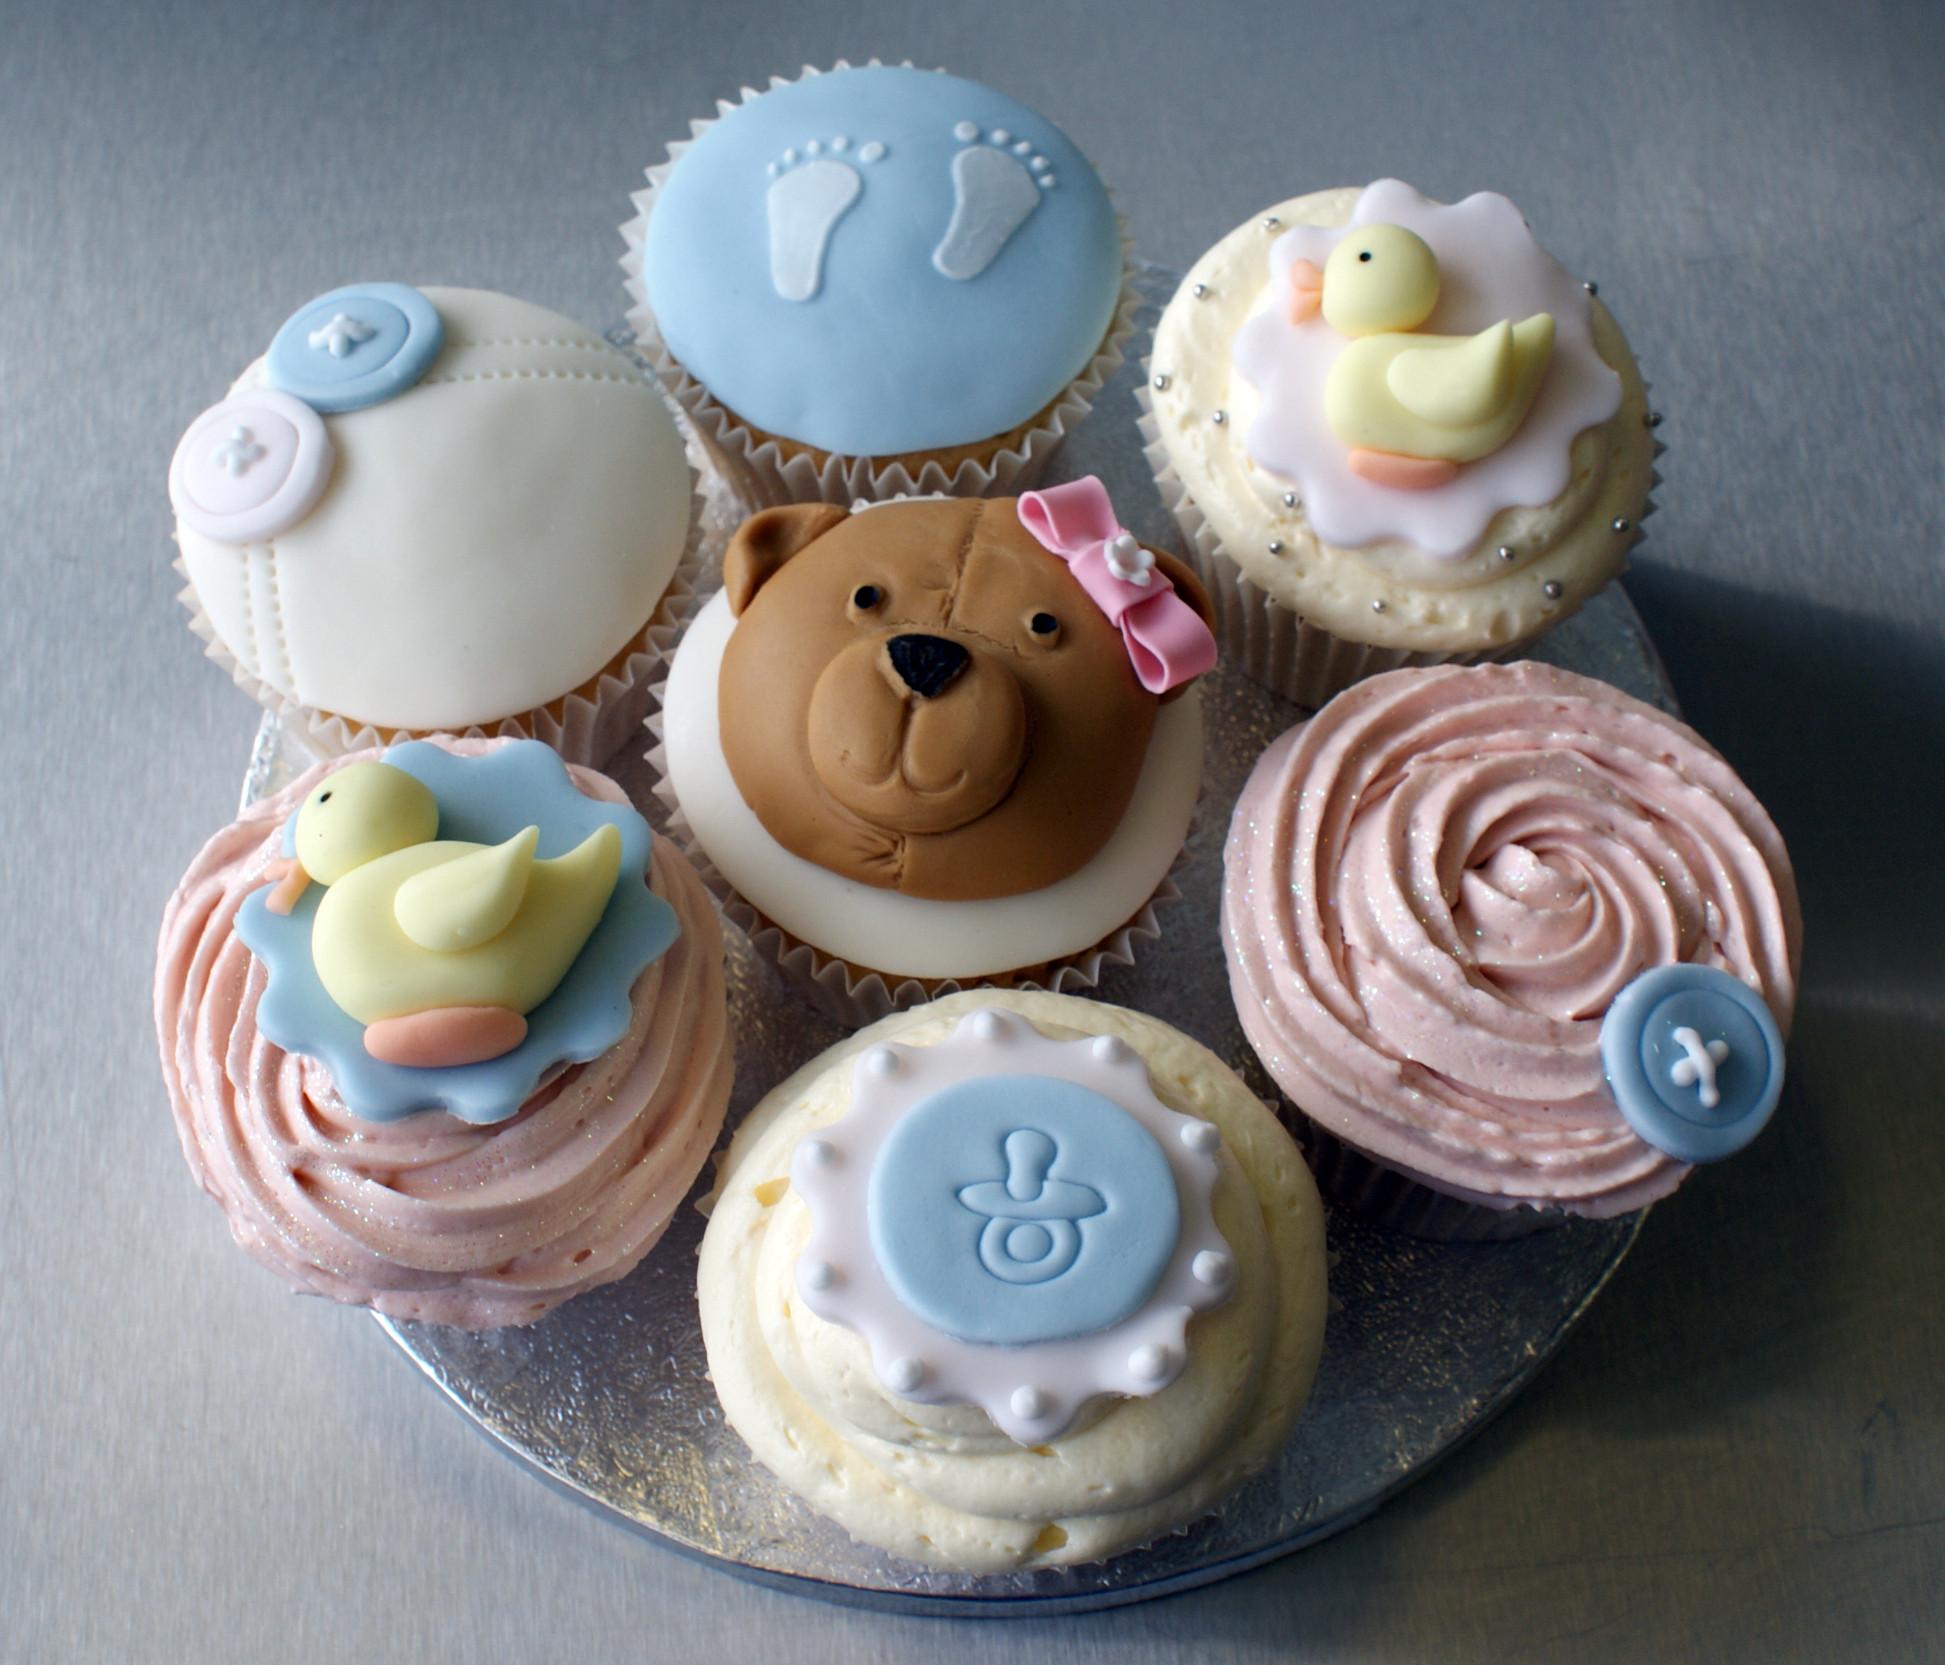 Baby Shower Cupcakes  Baby Shower Cupcakes Cupcakes Celebration Cakes